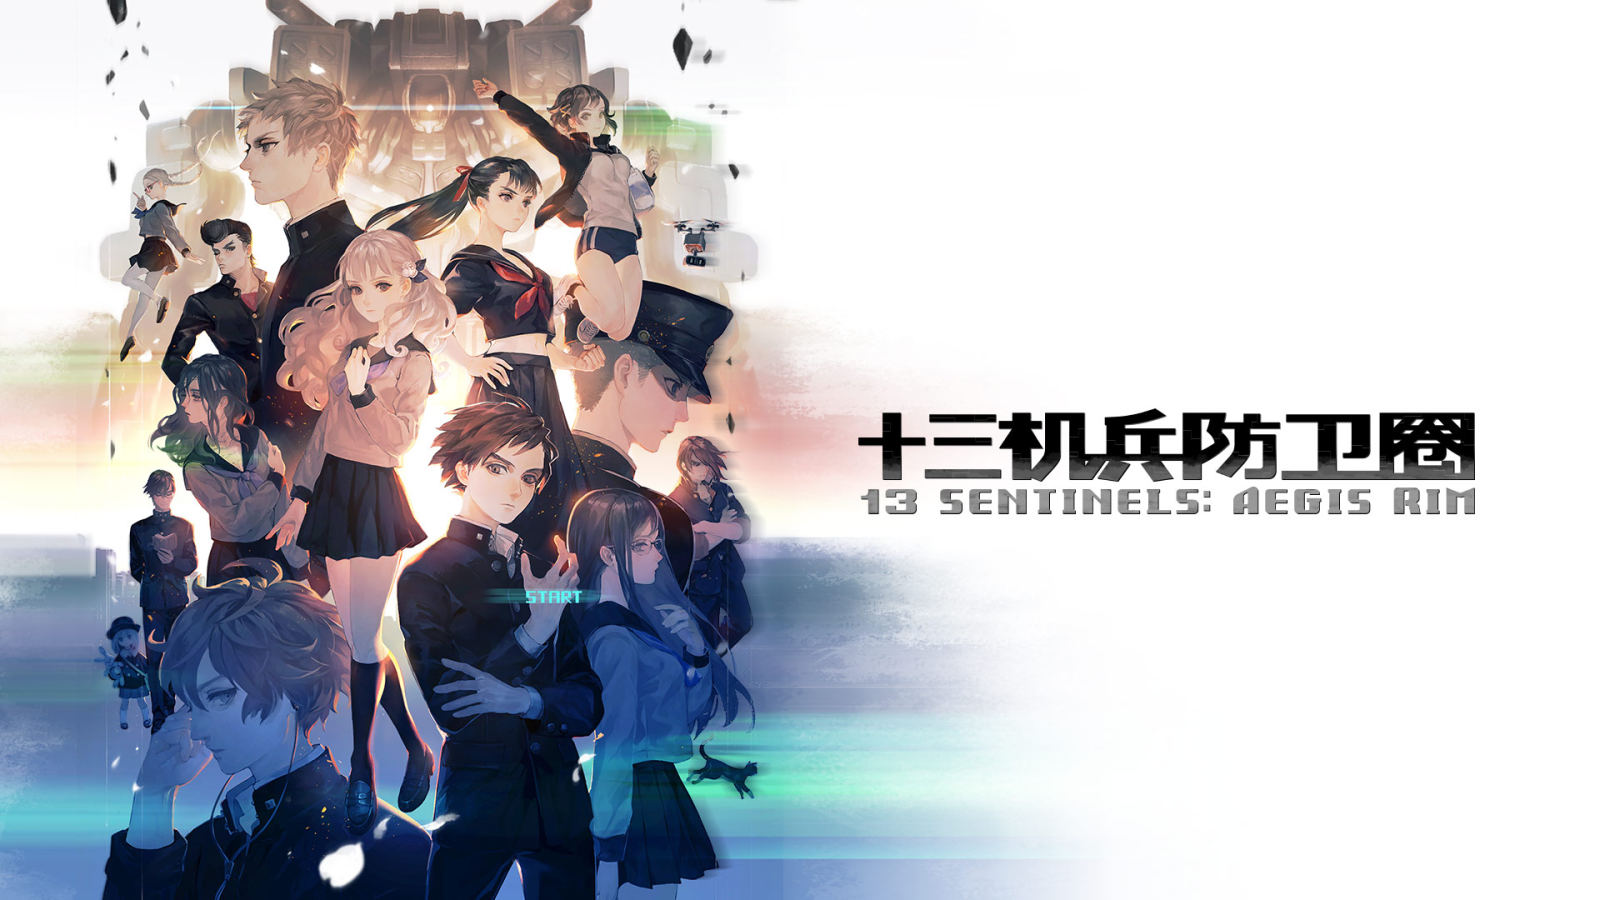 SEGA线上采访汇总:《人中之龙 7》、《十三机兵防卫圈》、日本一的新游戏目前情况如何?